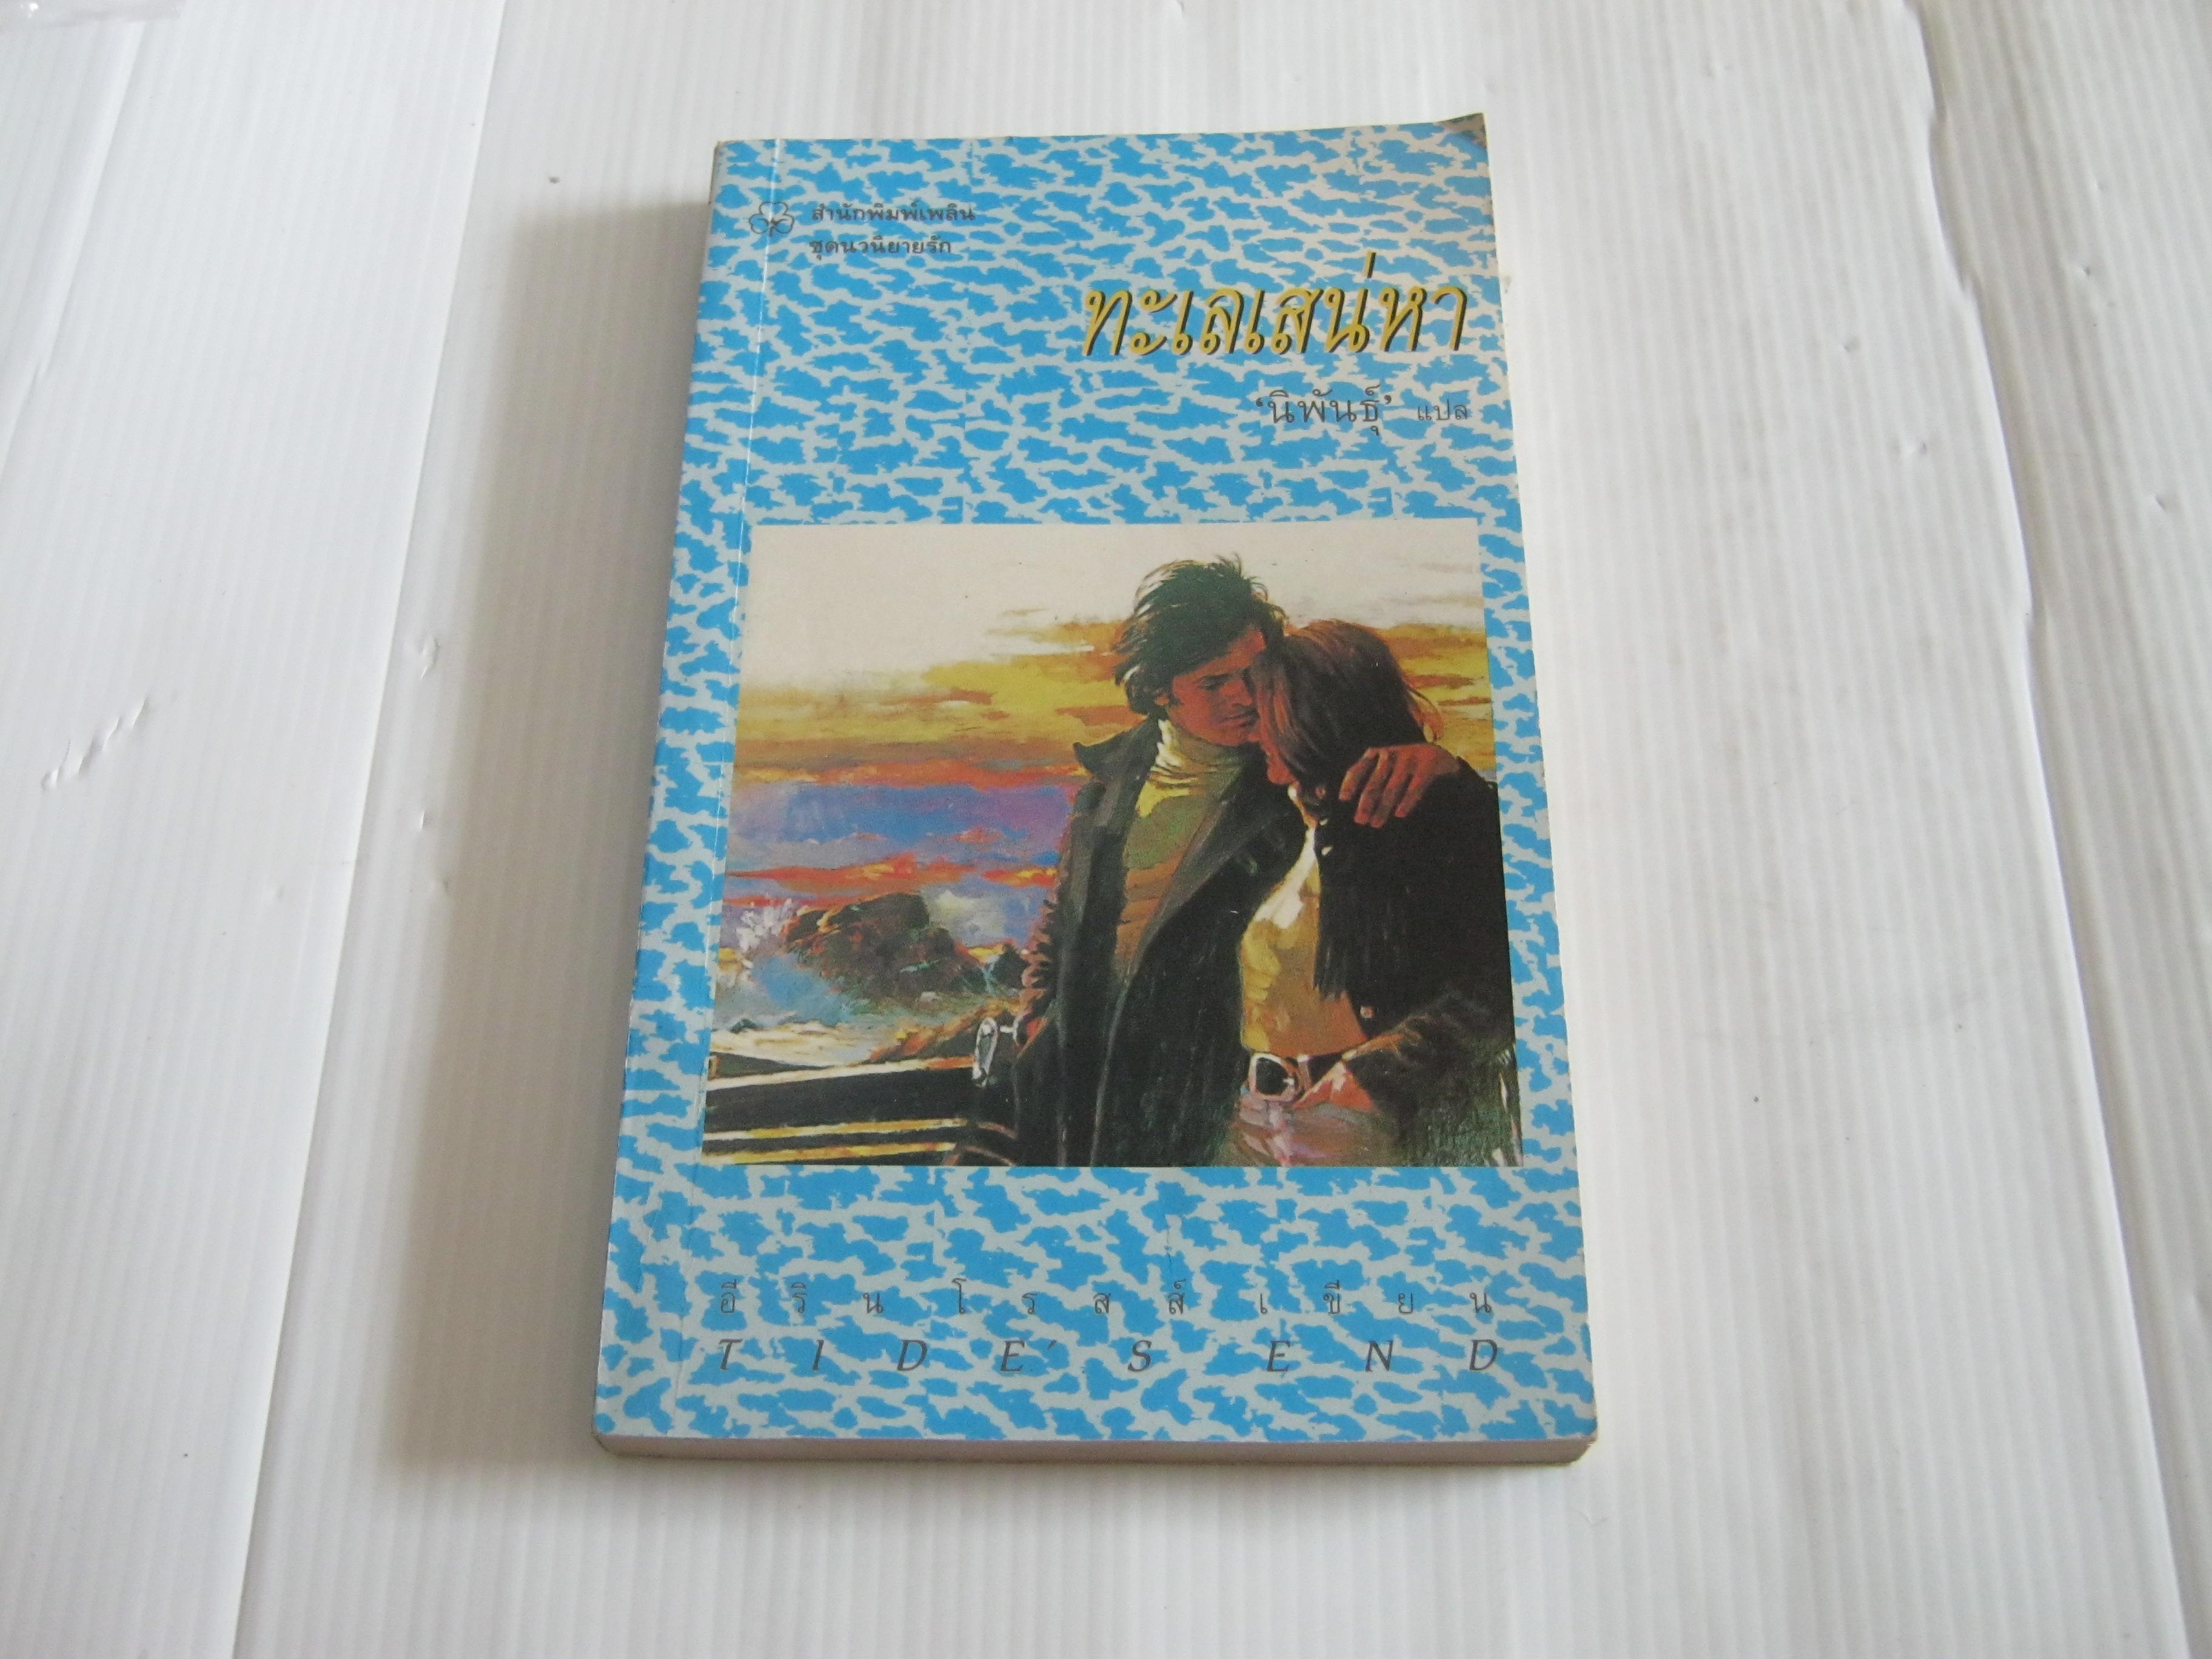 ทะเลเสน่หา (Tide's End) อีริน โรสส์ เขียน นิพันธุ์ แปล